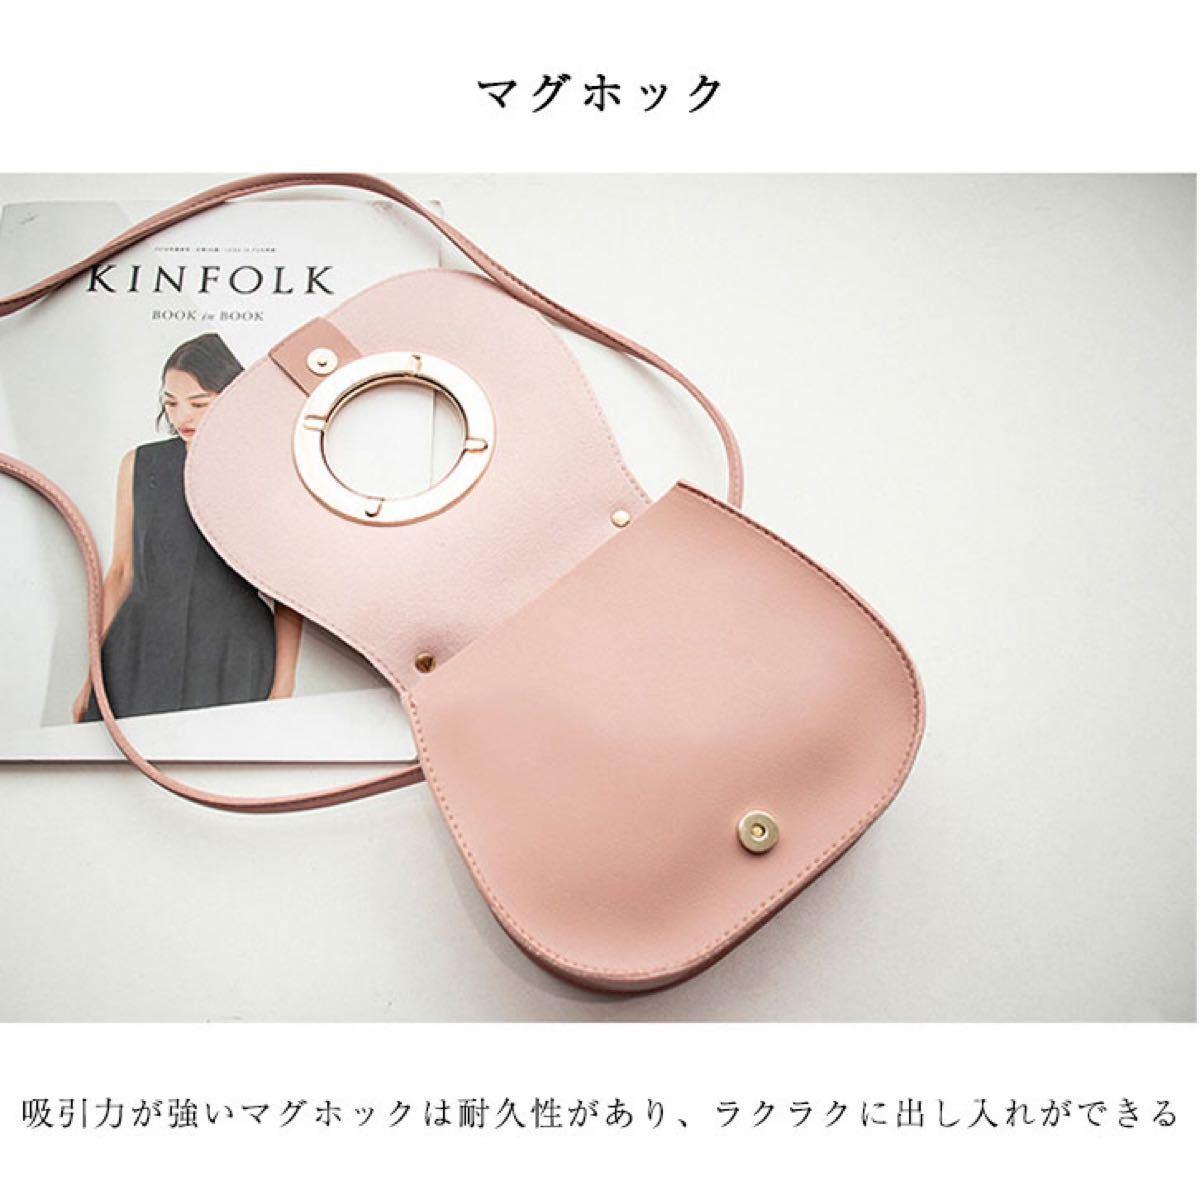 バッグ レディース ショルダーバッグ ミニ 韓国 おしゃれ S ピンク 磁石 かわいい ハンドバッグ s S m M